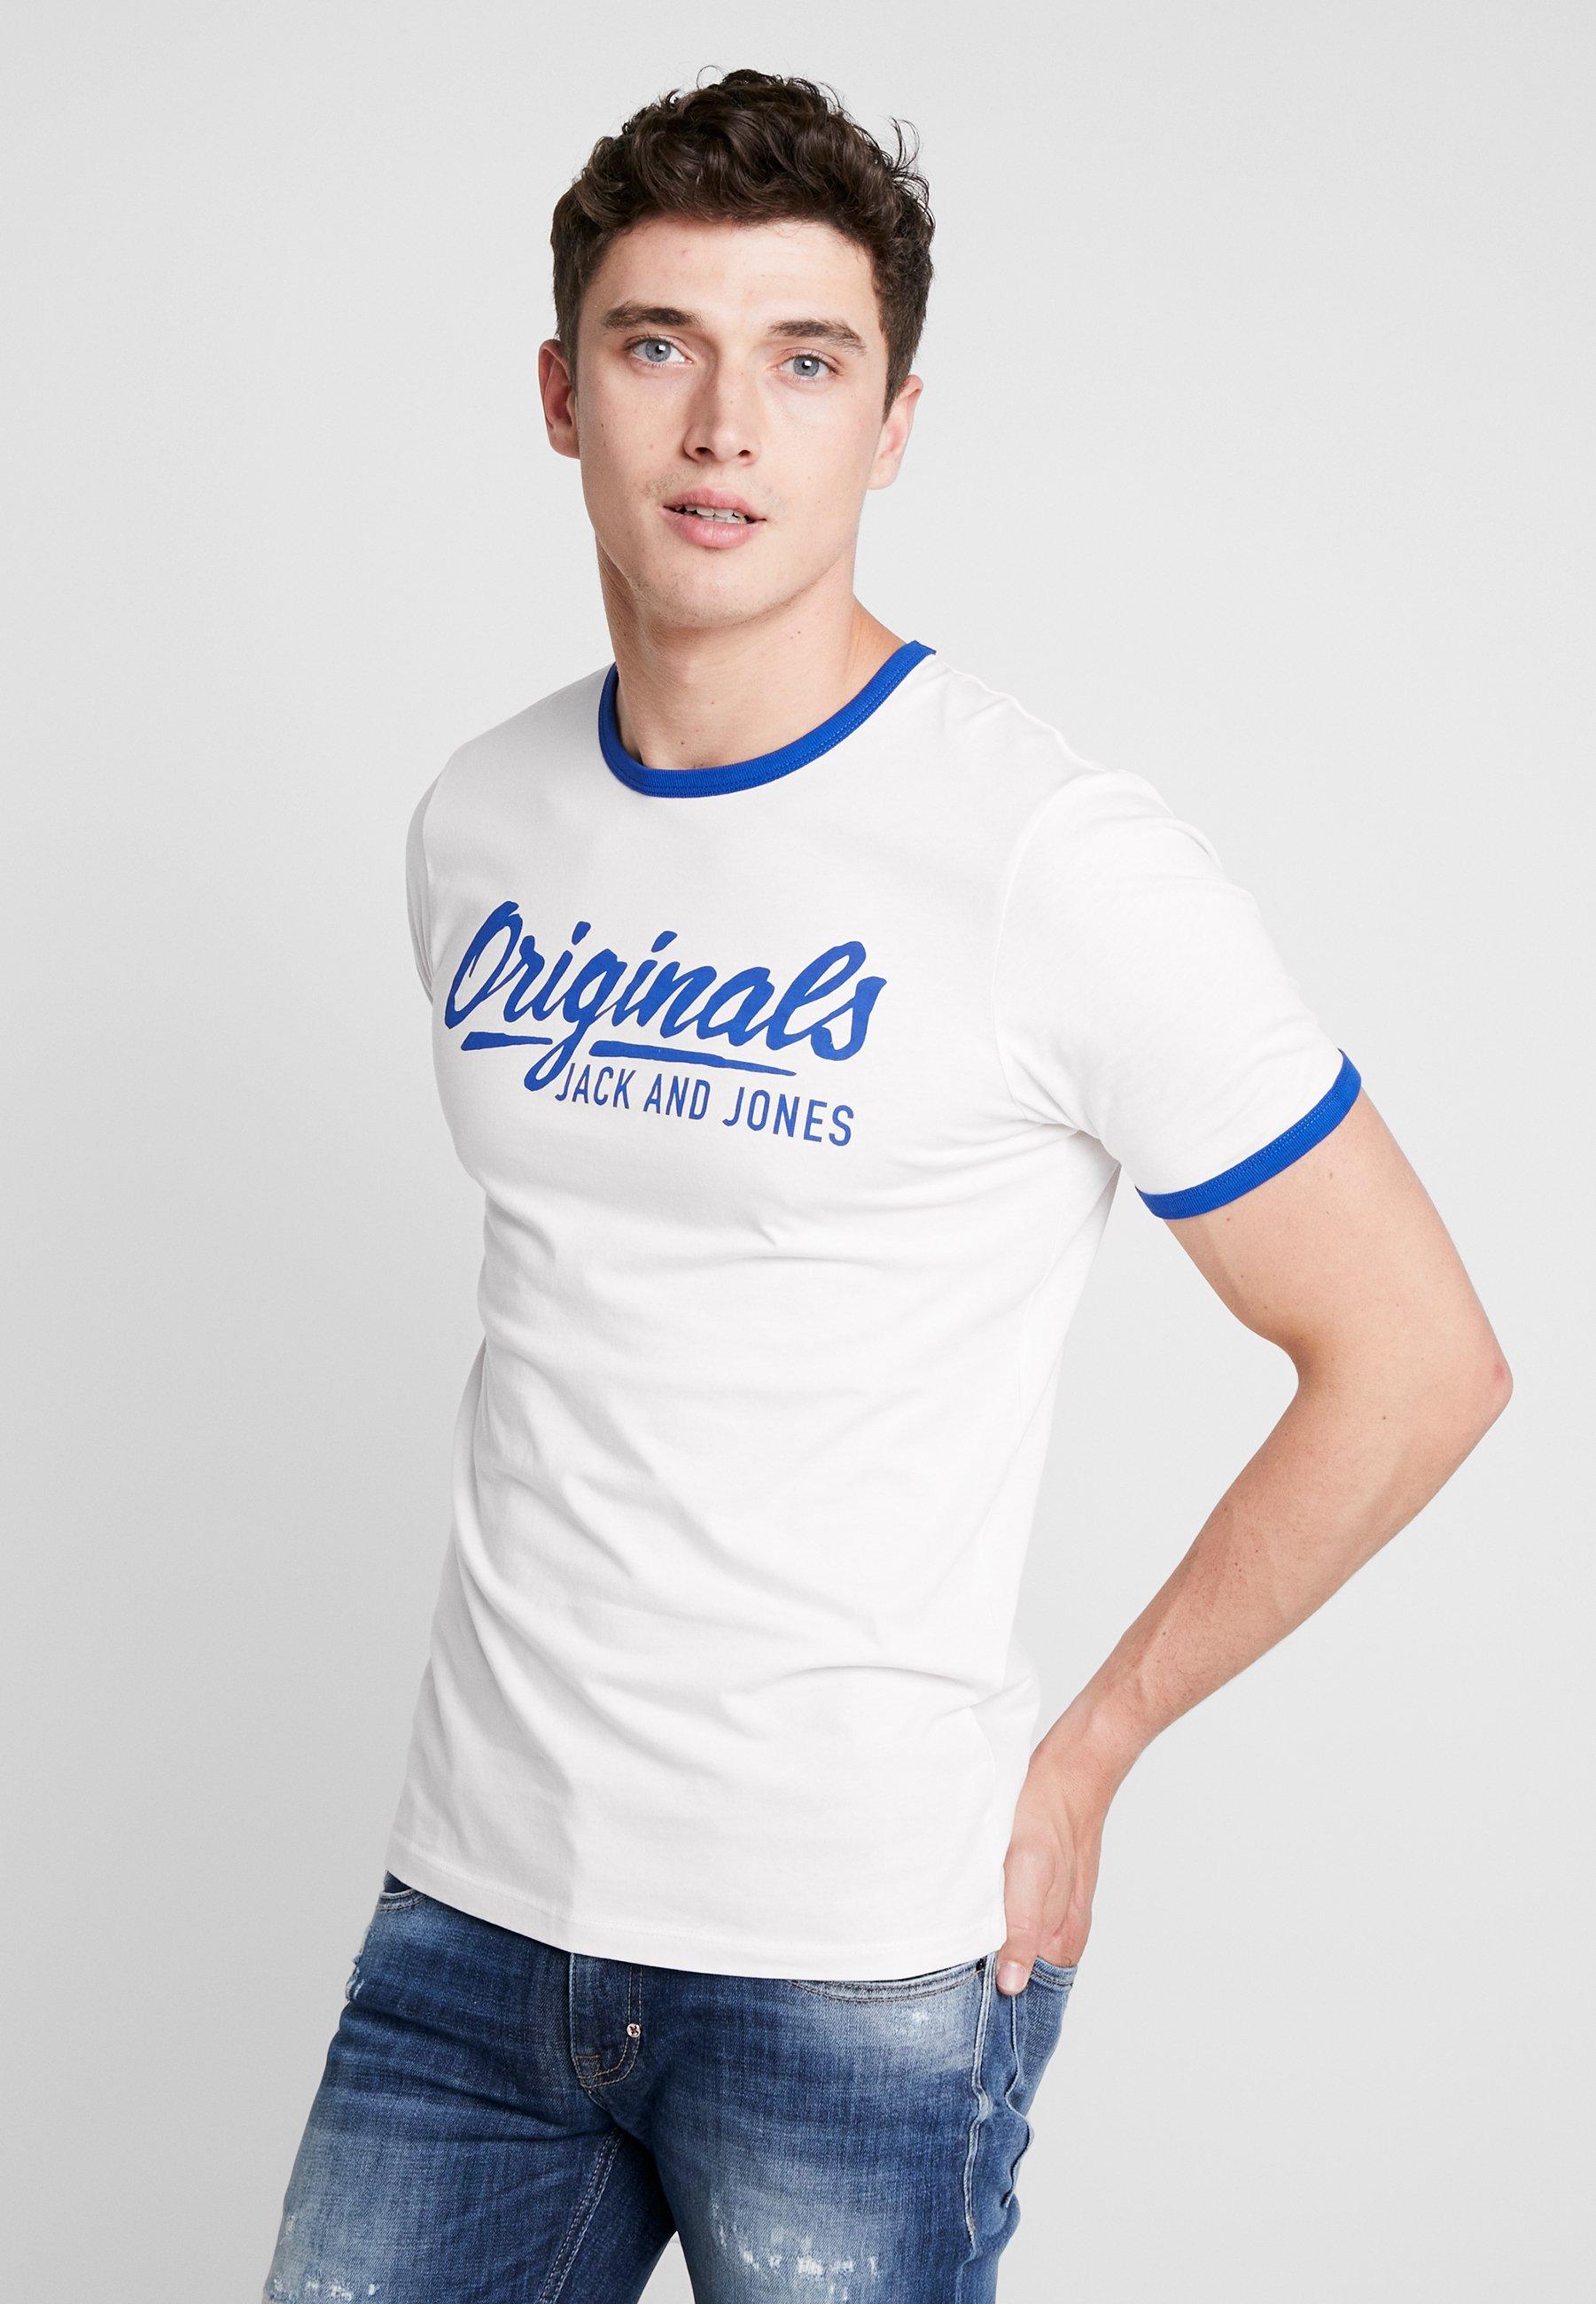 shirt Imprimé Dancer Jackamp; Jorlegend Cloud NeckT Jones Crew Tee 0Xw8PnkNO